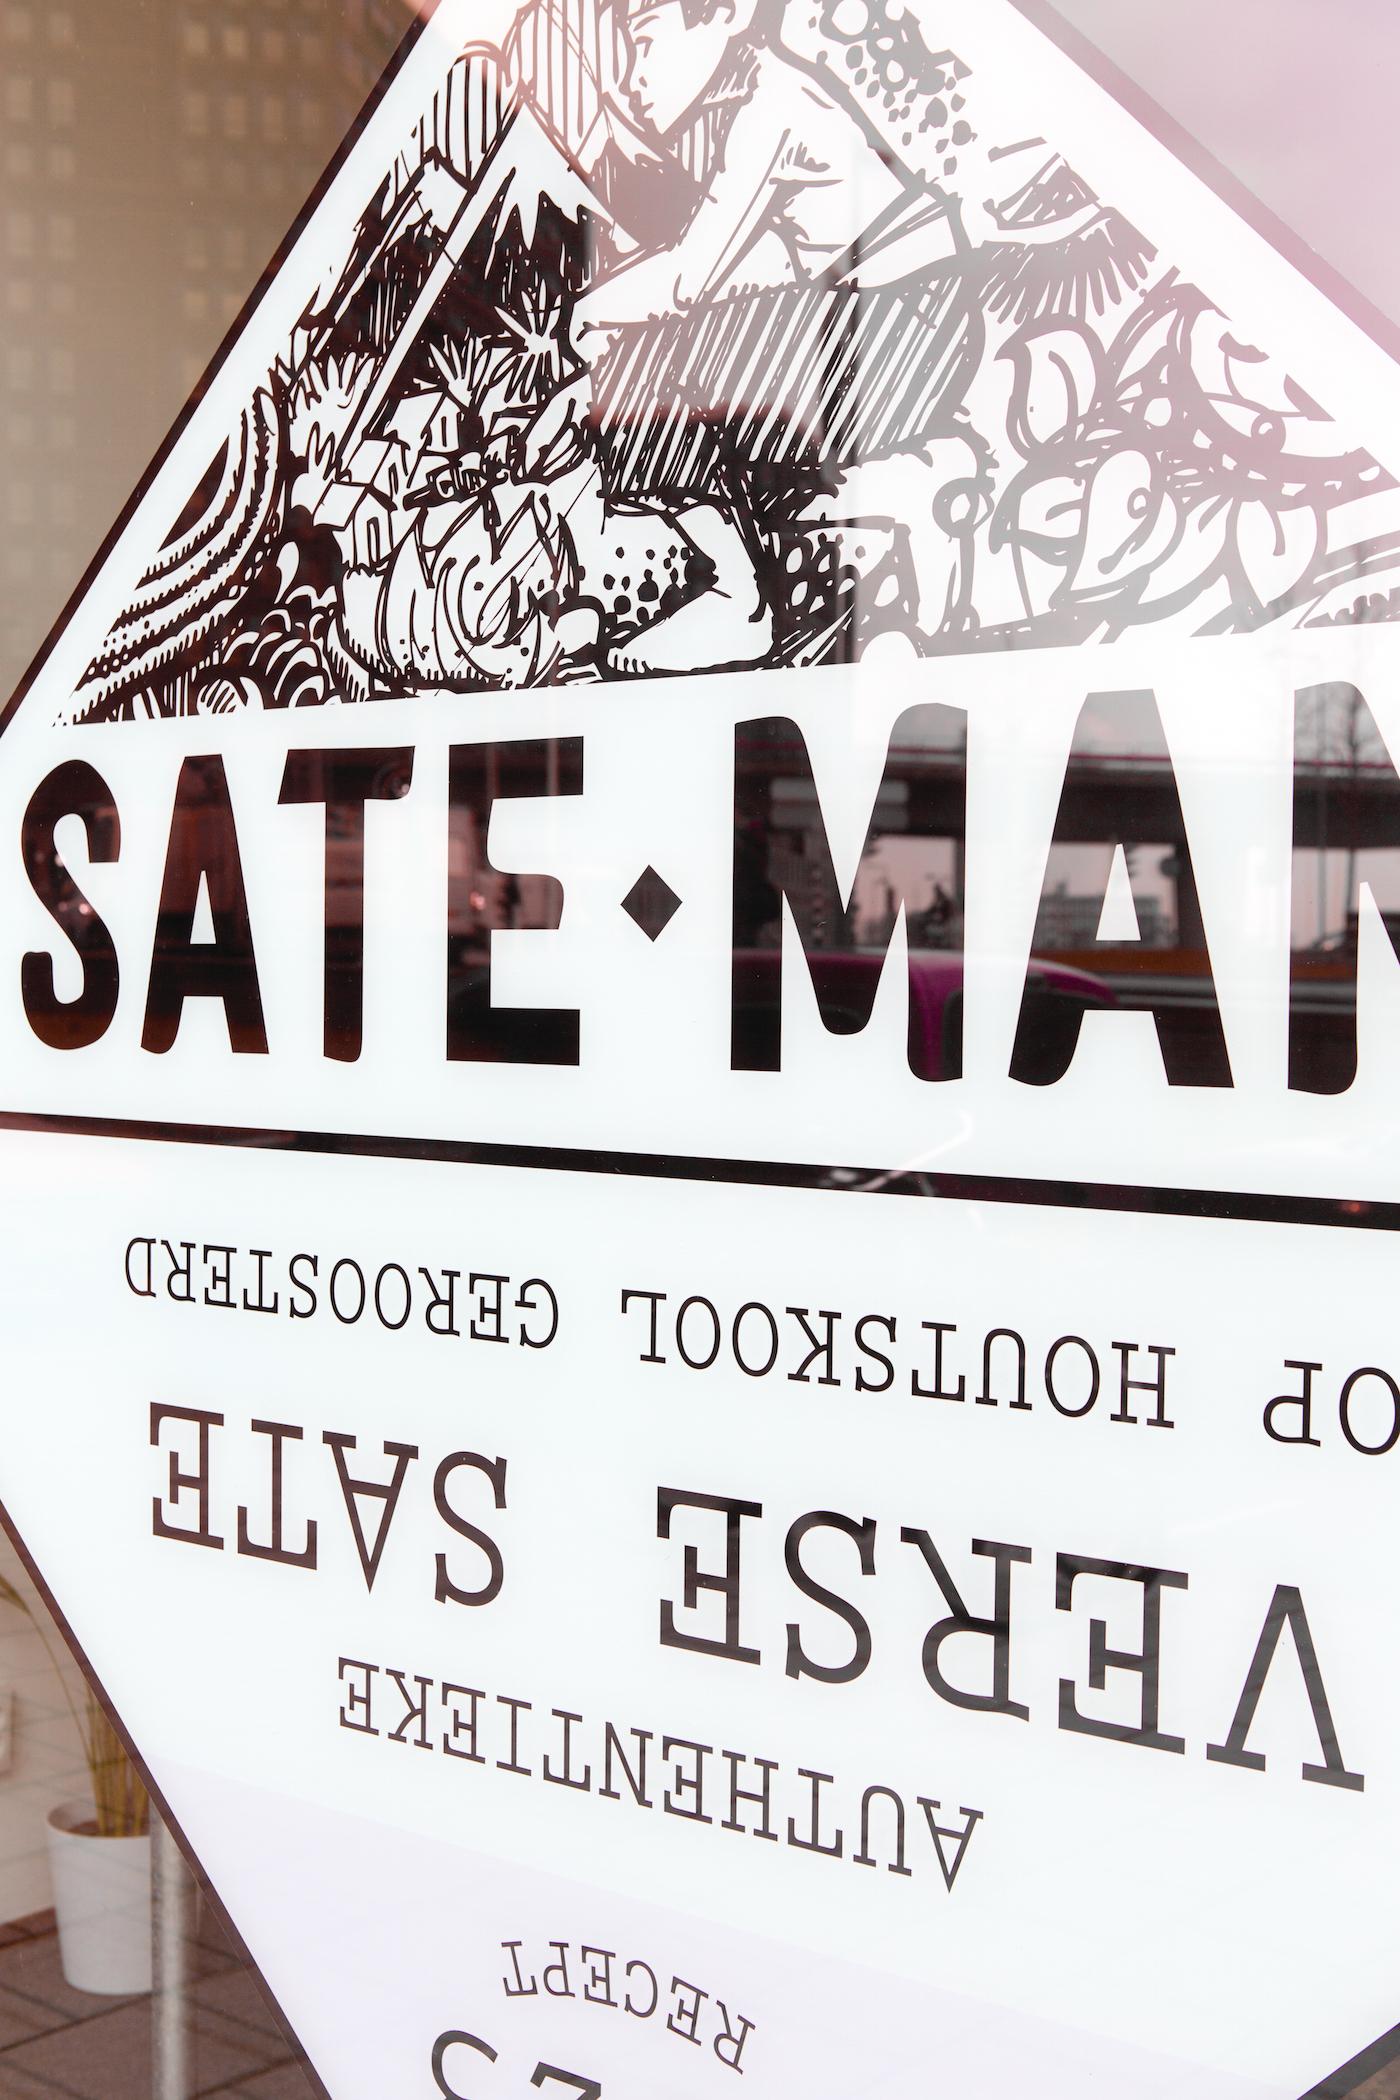 SATE-MAN - Joey van Dongen